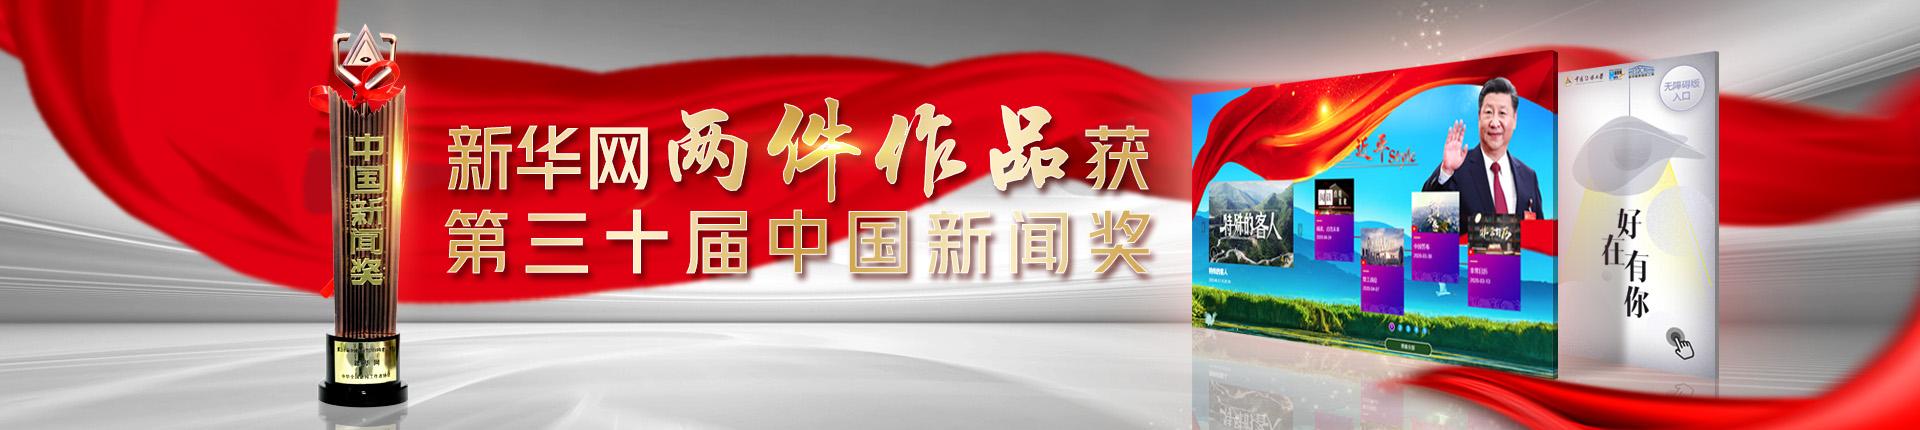 新華網兩件作品獲第三十屆中國新聞獎